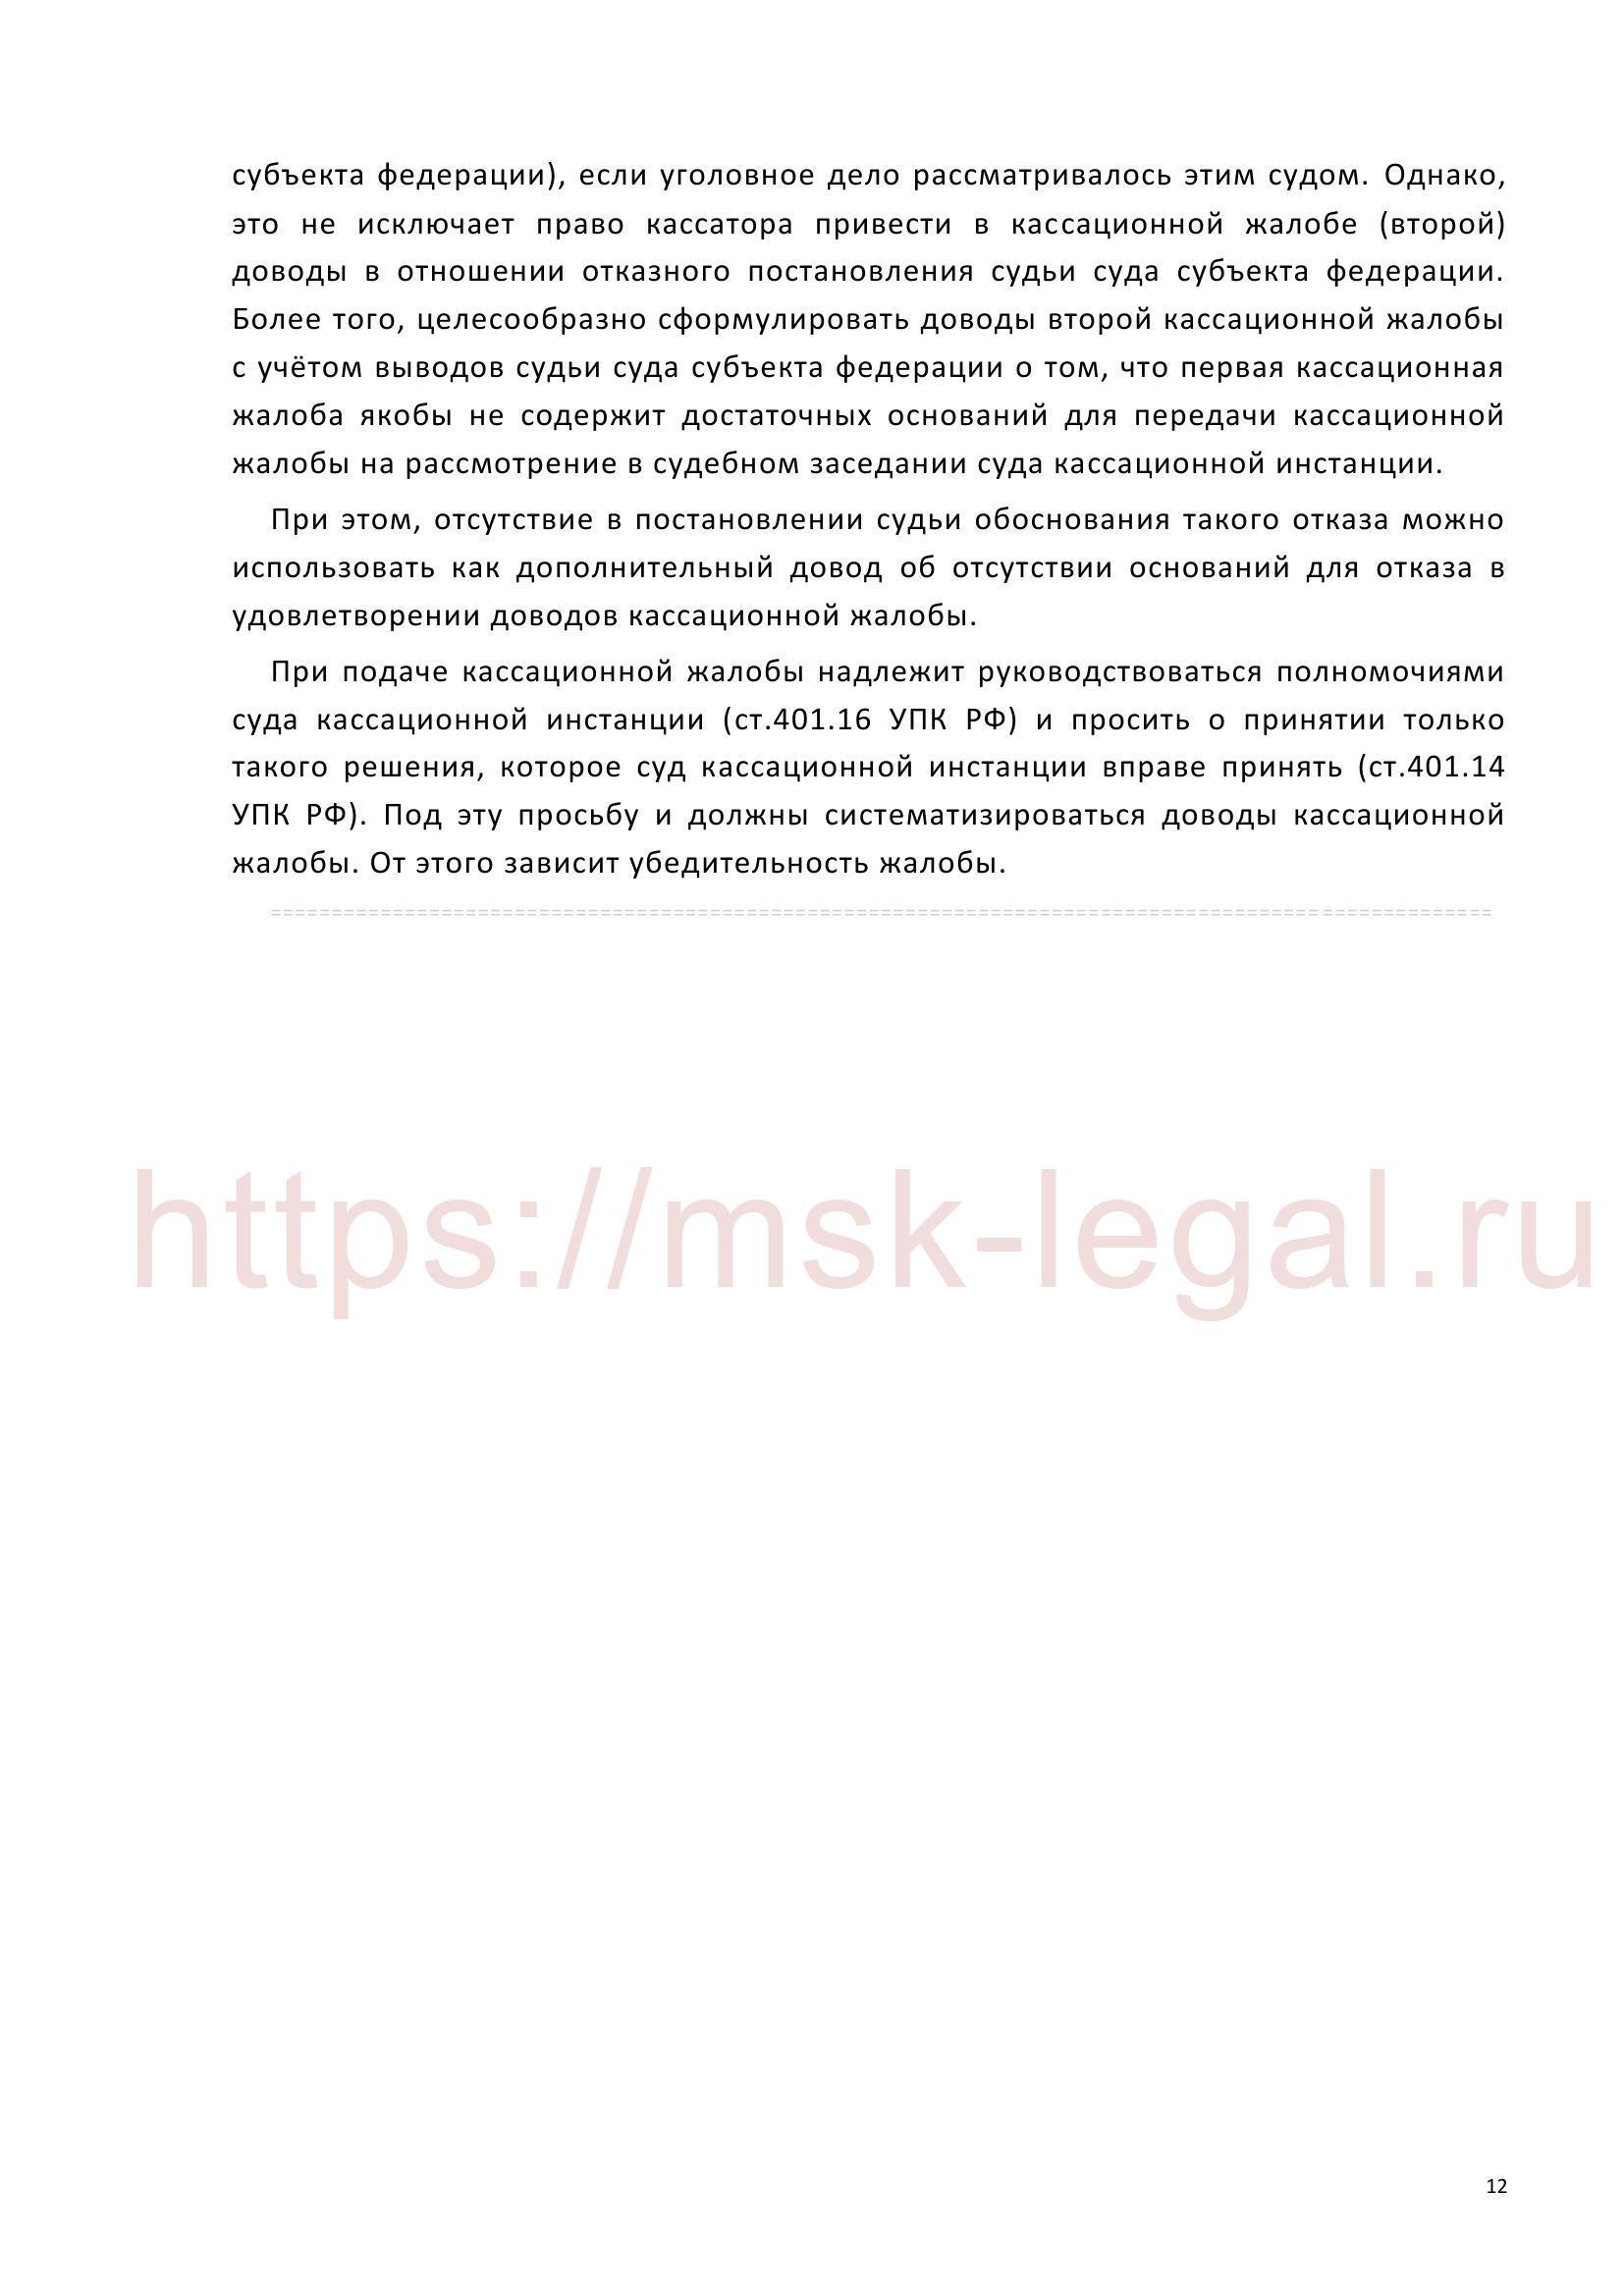 Кассационная жалоба в Судебную коллегию по уголовным делам ВС РФ